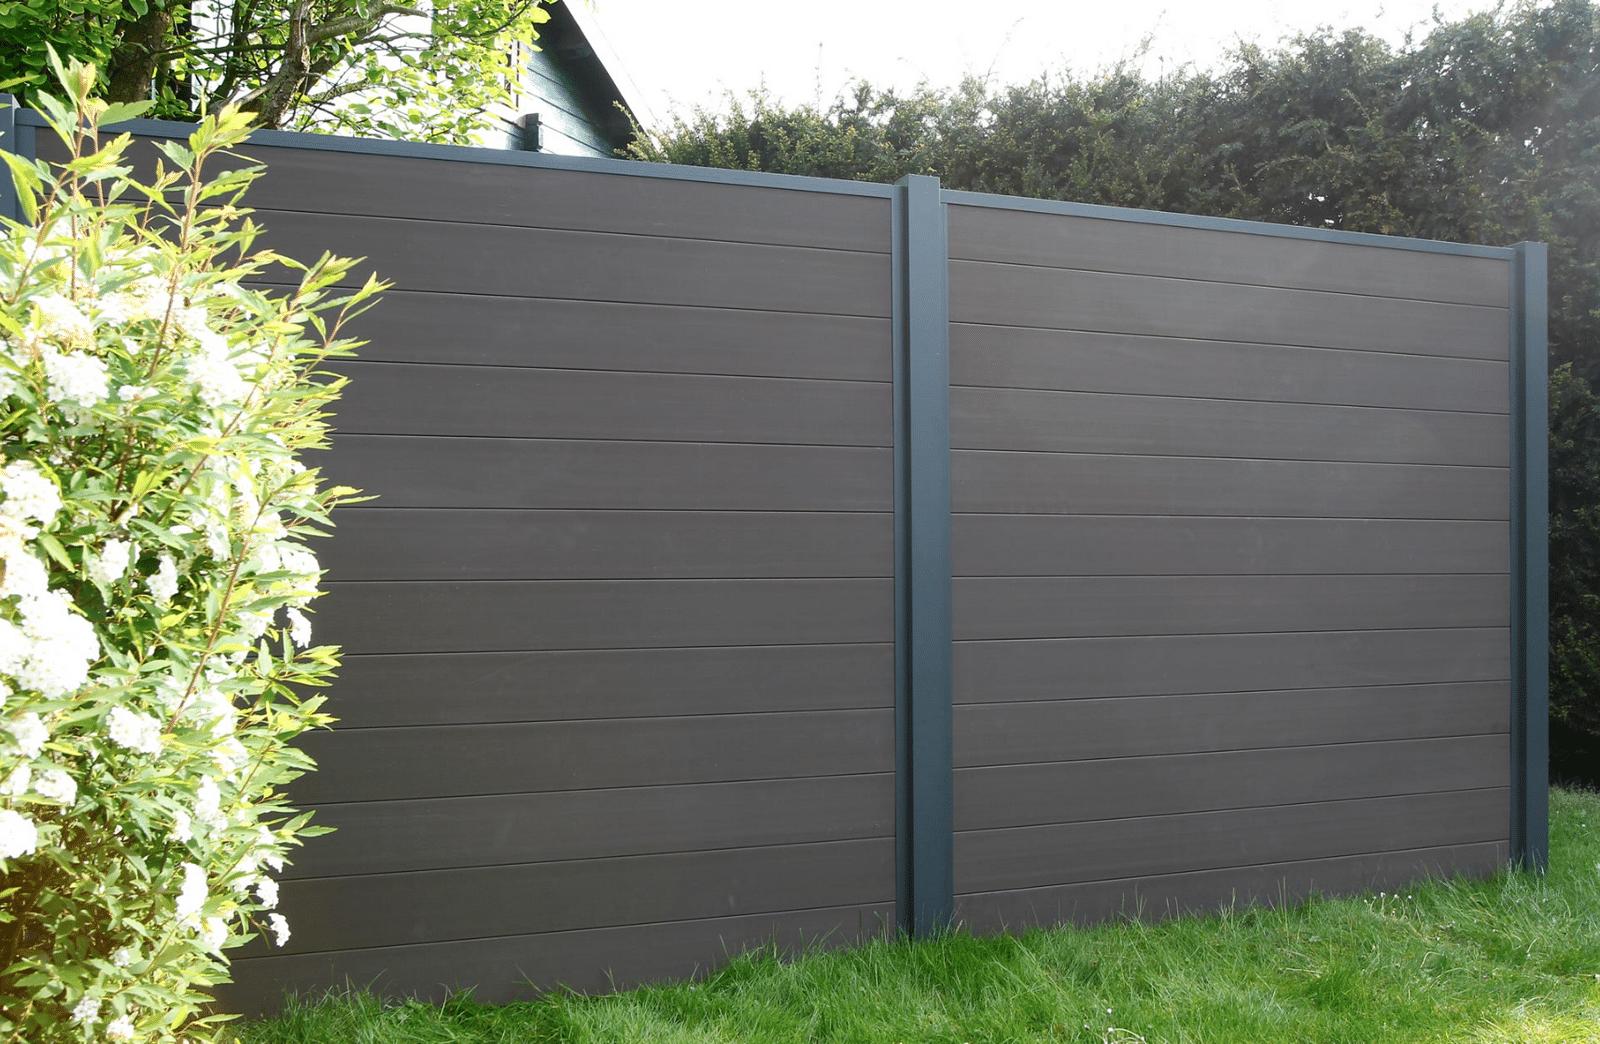 Brise Vue Terrasse Bois brise-vue modulable, panneau en bois composite extérieur